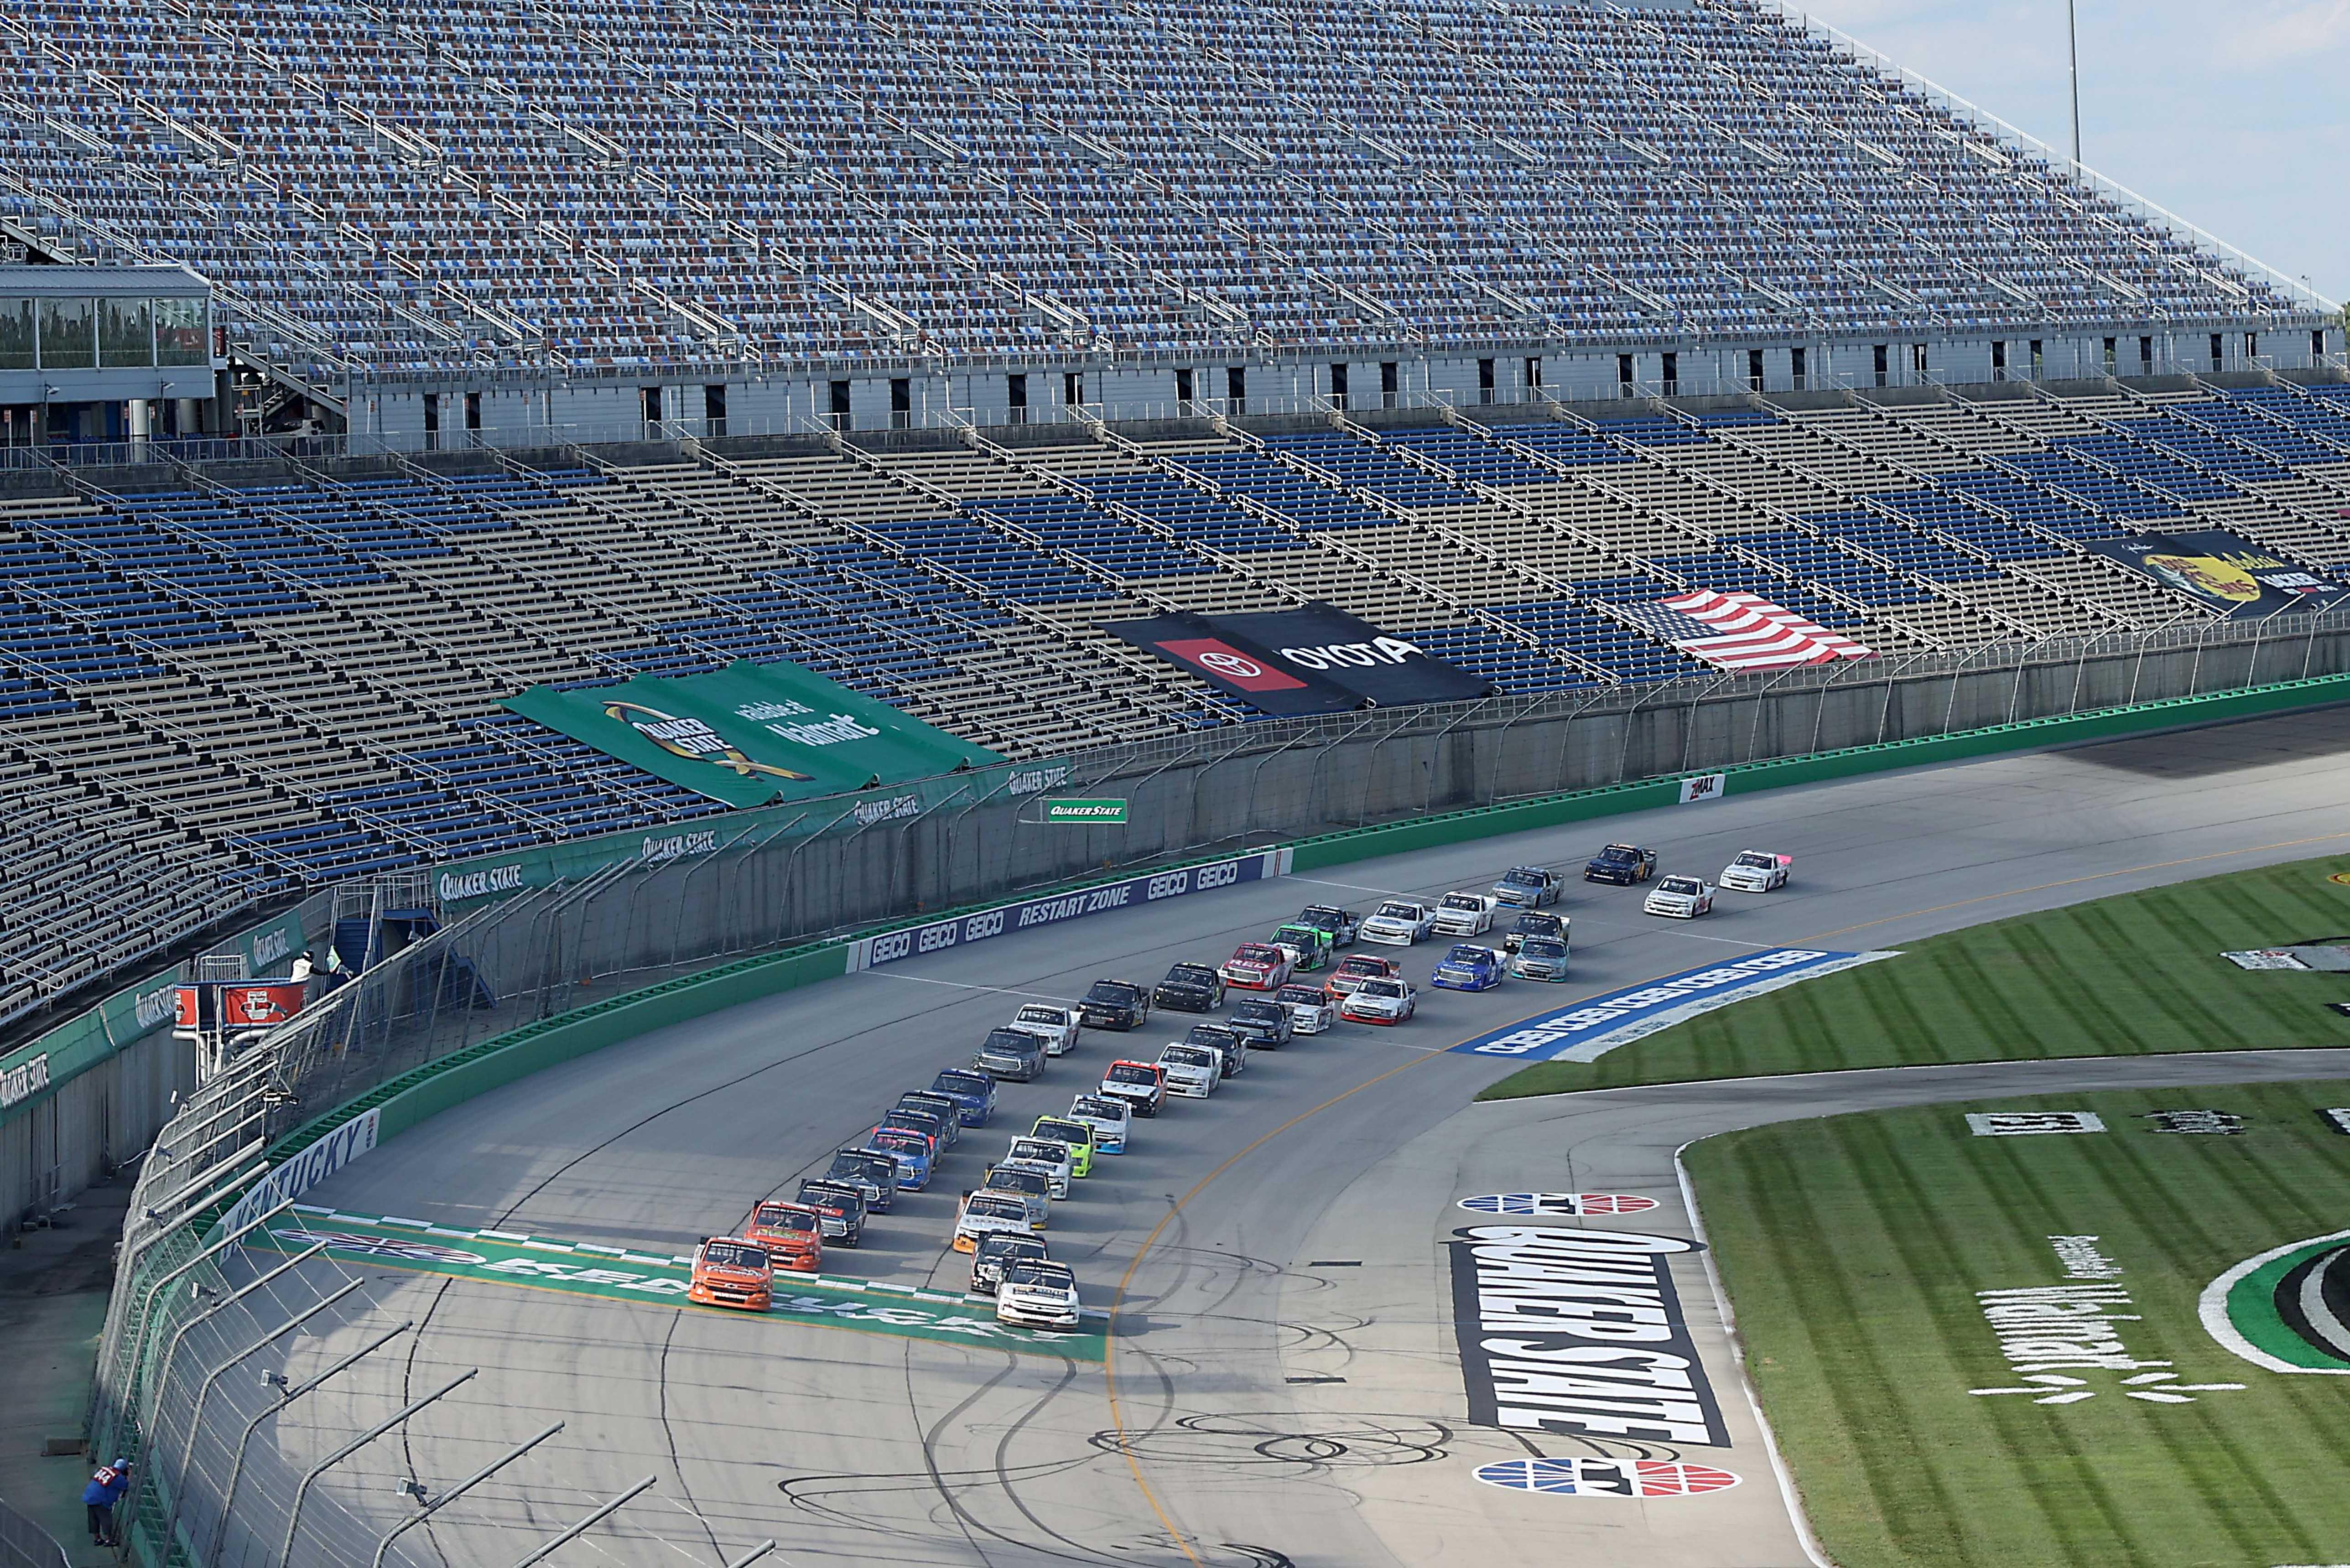 NASCAR Truck Series at Kentucky Speedway